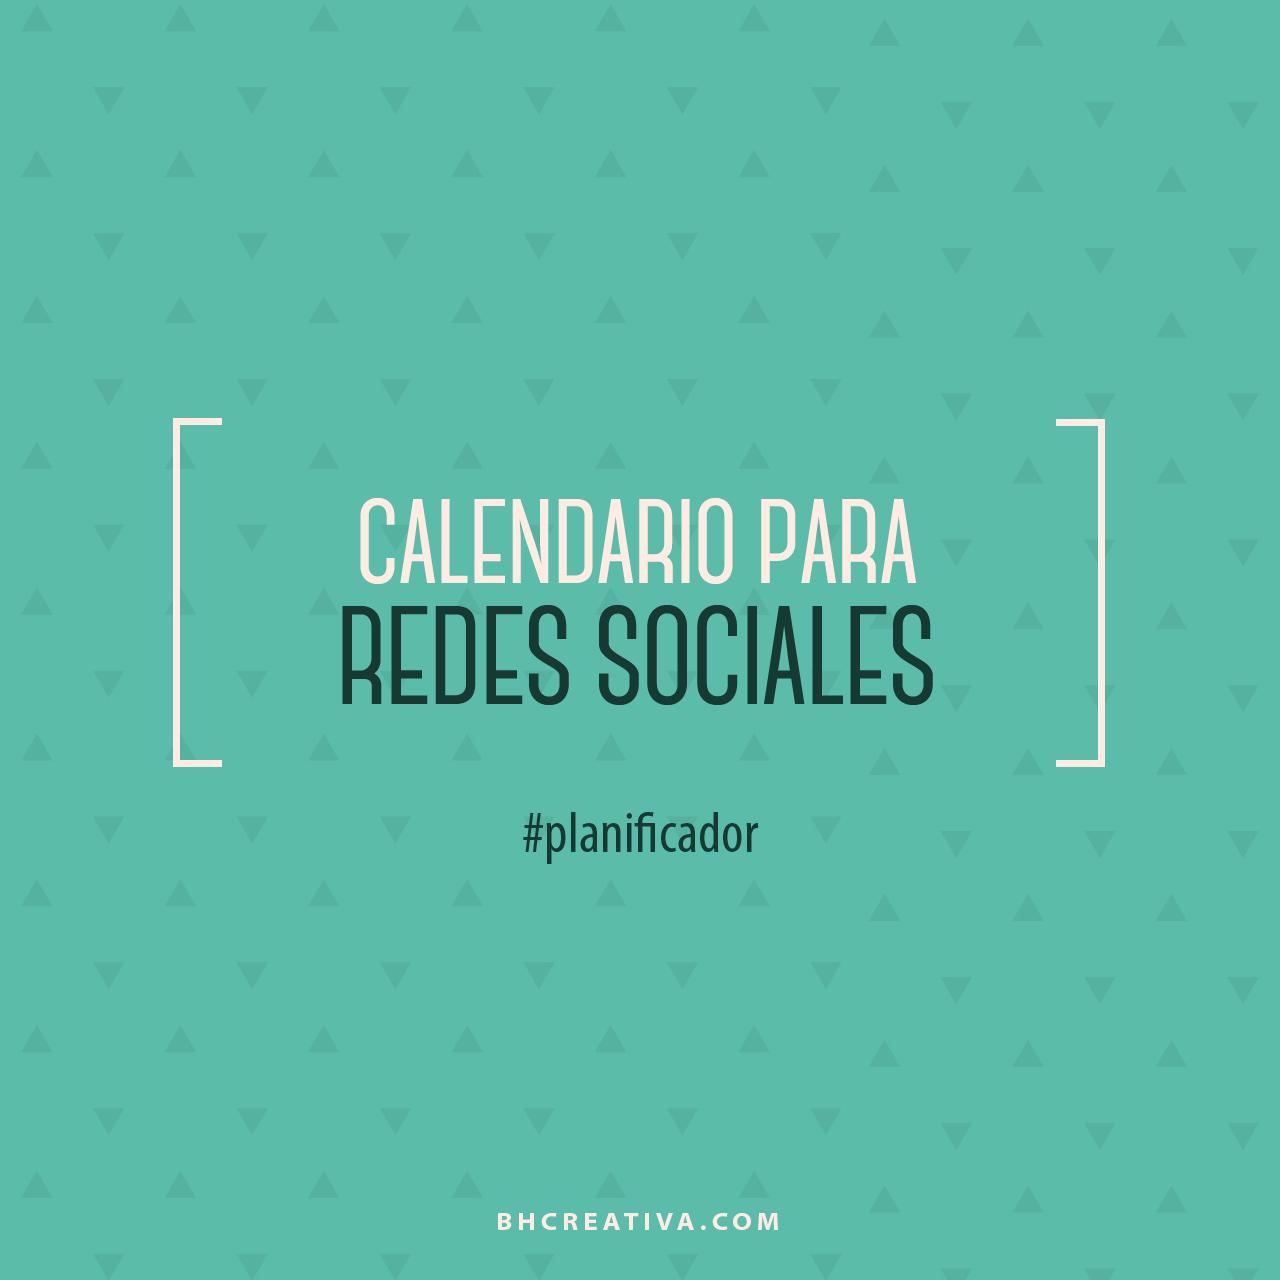 CalendarioRedesSociales